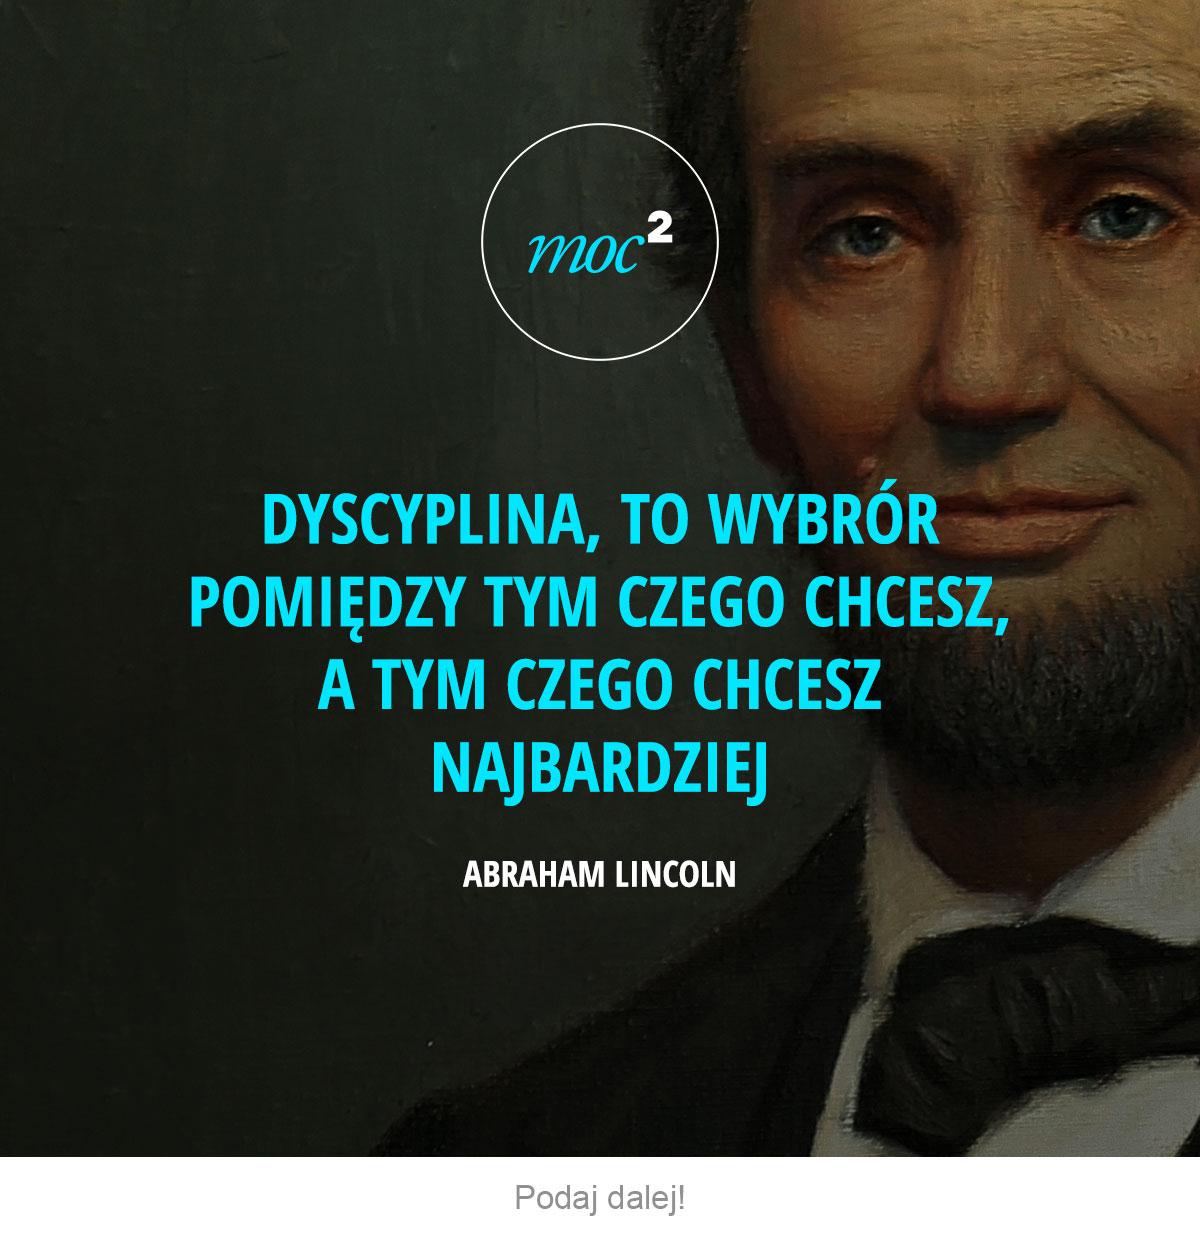 Dyscyplina, to wybór pomiędzy tym czego chcesz, a tym czego chcesz najbardziej. - Abraham Lincoln